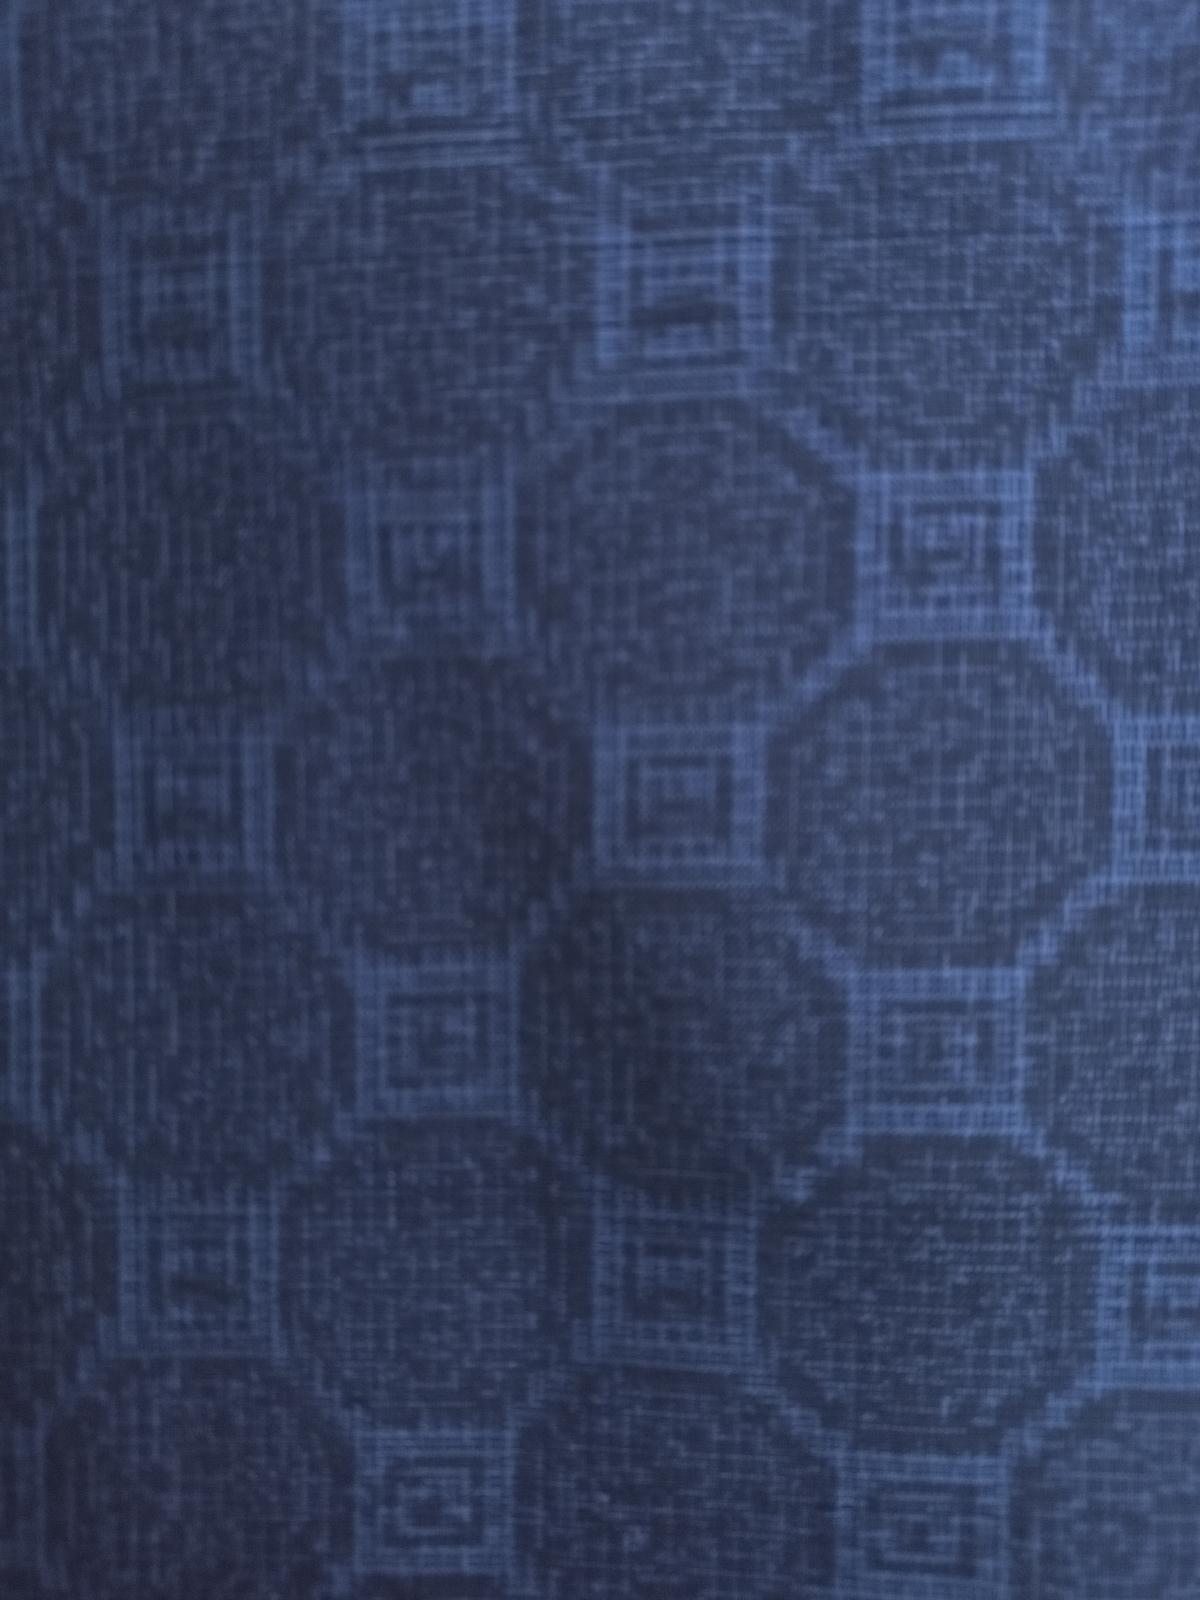 f:id:uribouwataru:20210627084925j:plain